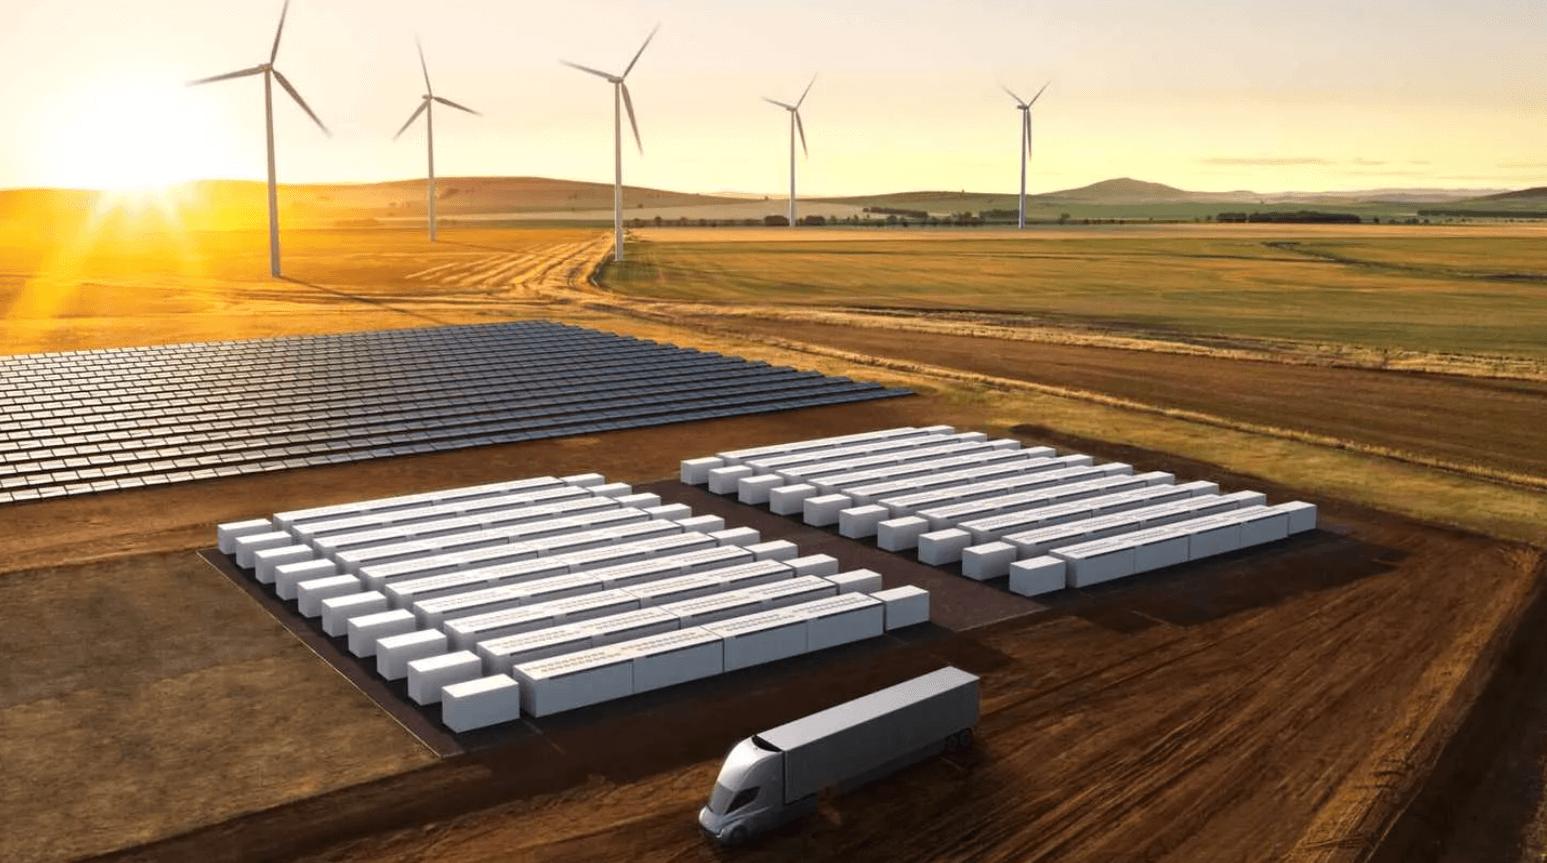 Apple планирует использовать системы хранения аккумуляторов Tesla на солнечной ферме Калифорнии - Tesla Motors Club